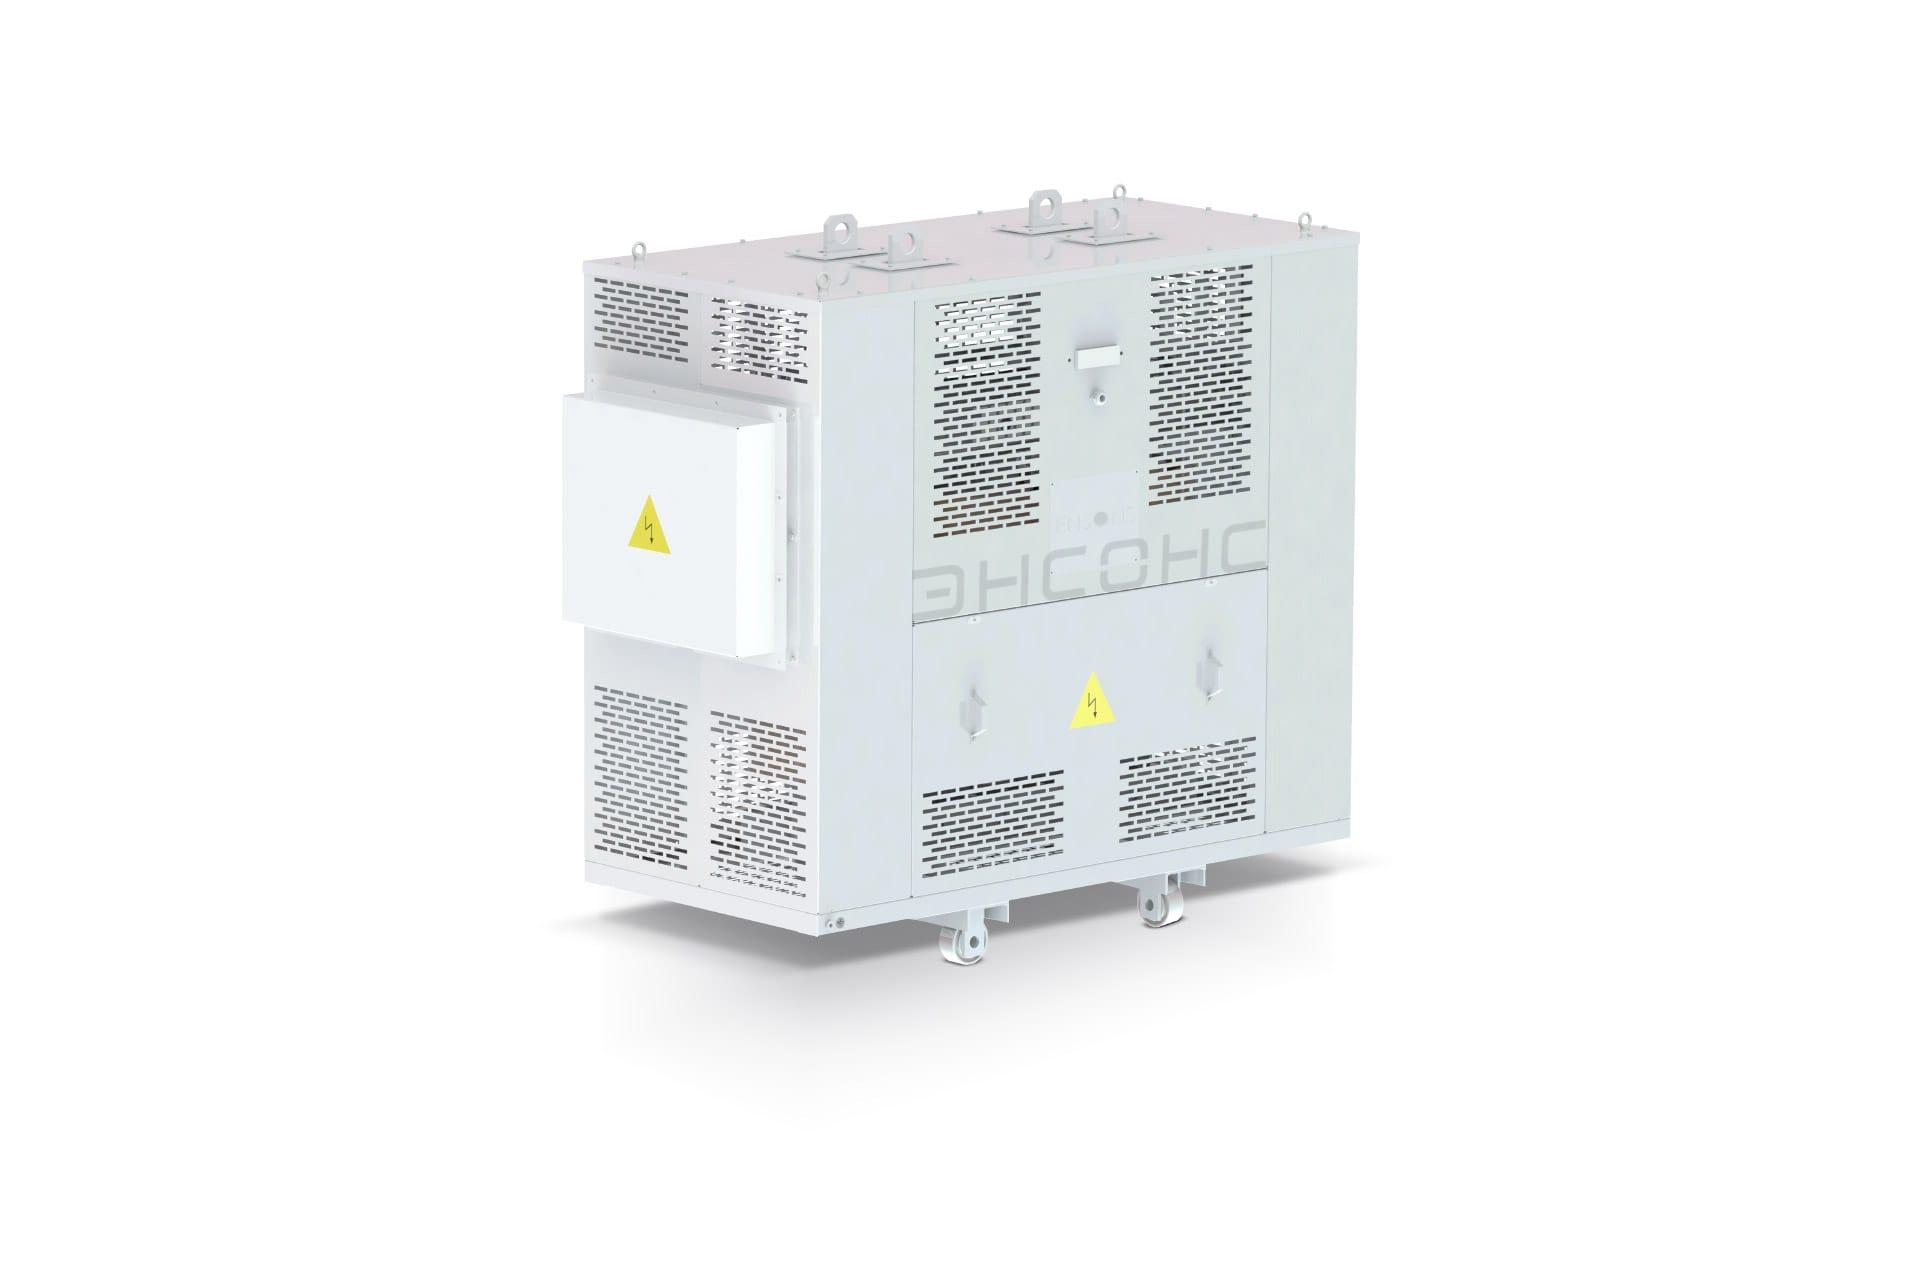 Ensons - Общий вид присоединительного трансформатора ФСЗО (конструкторский рендер)